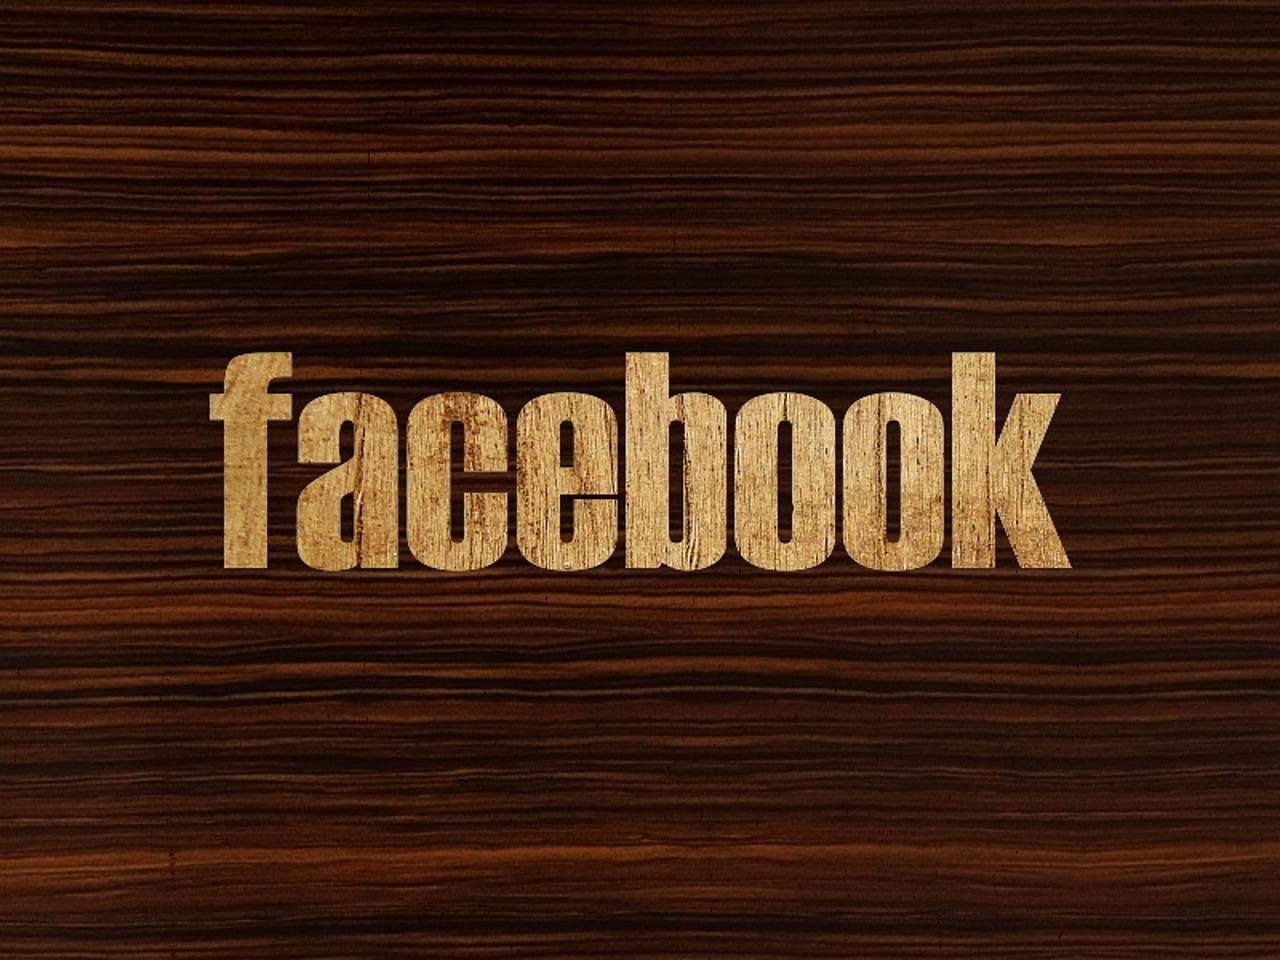 Organische Reichweite auf Facebook | Social Media Marketing | Passion Marketing GmbH Werbeagentur Köln